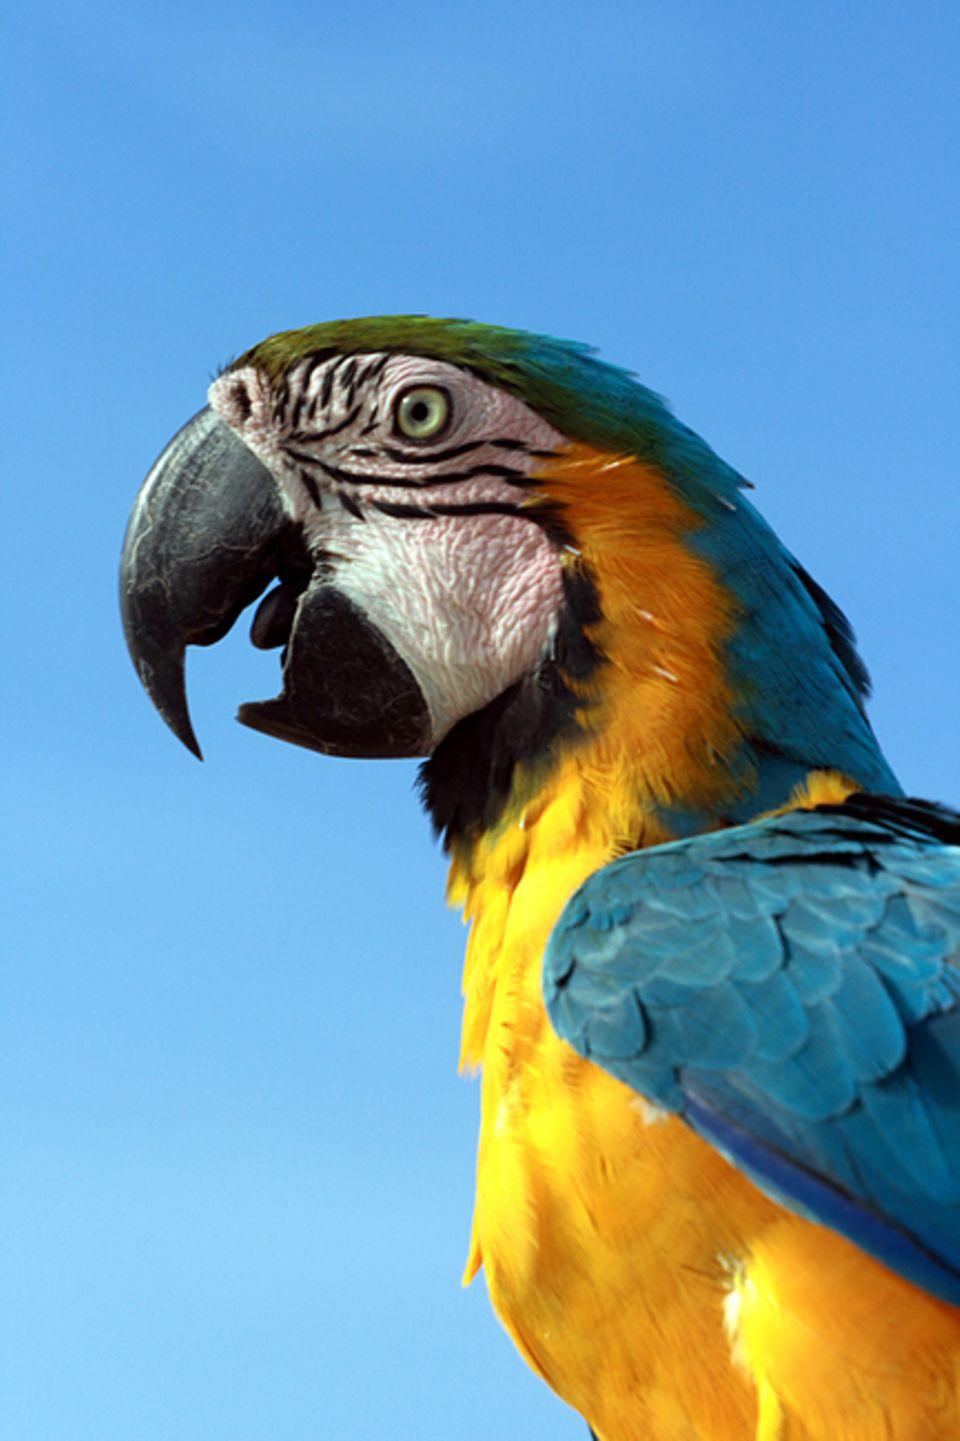 Tierlexikon: Papageien leben auf fast allen Kontinenten und in sehr unterschiedlichen Lebensräumen